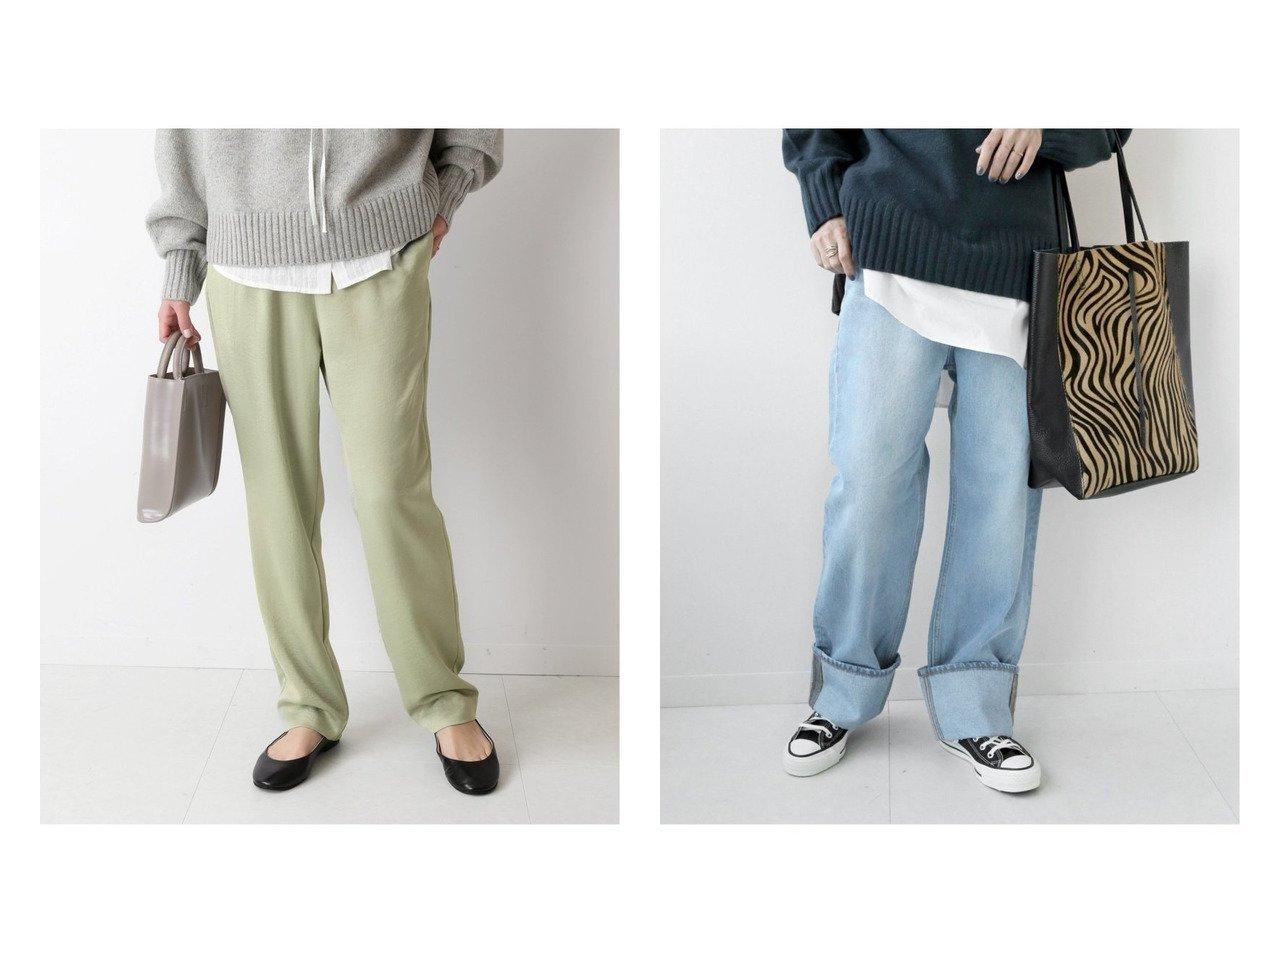 【JOURNAL STANDARD relume/ジャーナルスタンダード レリューム】の12ozロールアップデニム&サテンドロストイージーパンツ パンツのおすすめ!人気、トレンド・レディースファッションの通販 おすすめで人気の流行・トレンド、ファッションの通販商品 メンズファッション・キッズファッション・インテリア・家具・レディースファッション・服の通販 founy(ファニー) https://founy.com/ ファッション Fashion レディースファッション WOMEN パンツ Pants NEW・新作・新着・新入荷 New Arrivals 2020年 2020 2020-2021 秋冬 A/W AW Autumn/Winter / FW Fall-Winter 2020-2021 A/W 秋冬 AW Autumn/Winter / FW Fall-Winter サテン ジーンズ ロング 冬 Winter デニム ワイド  ID:crp329100000010704